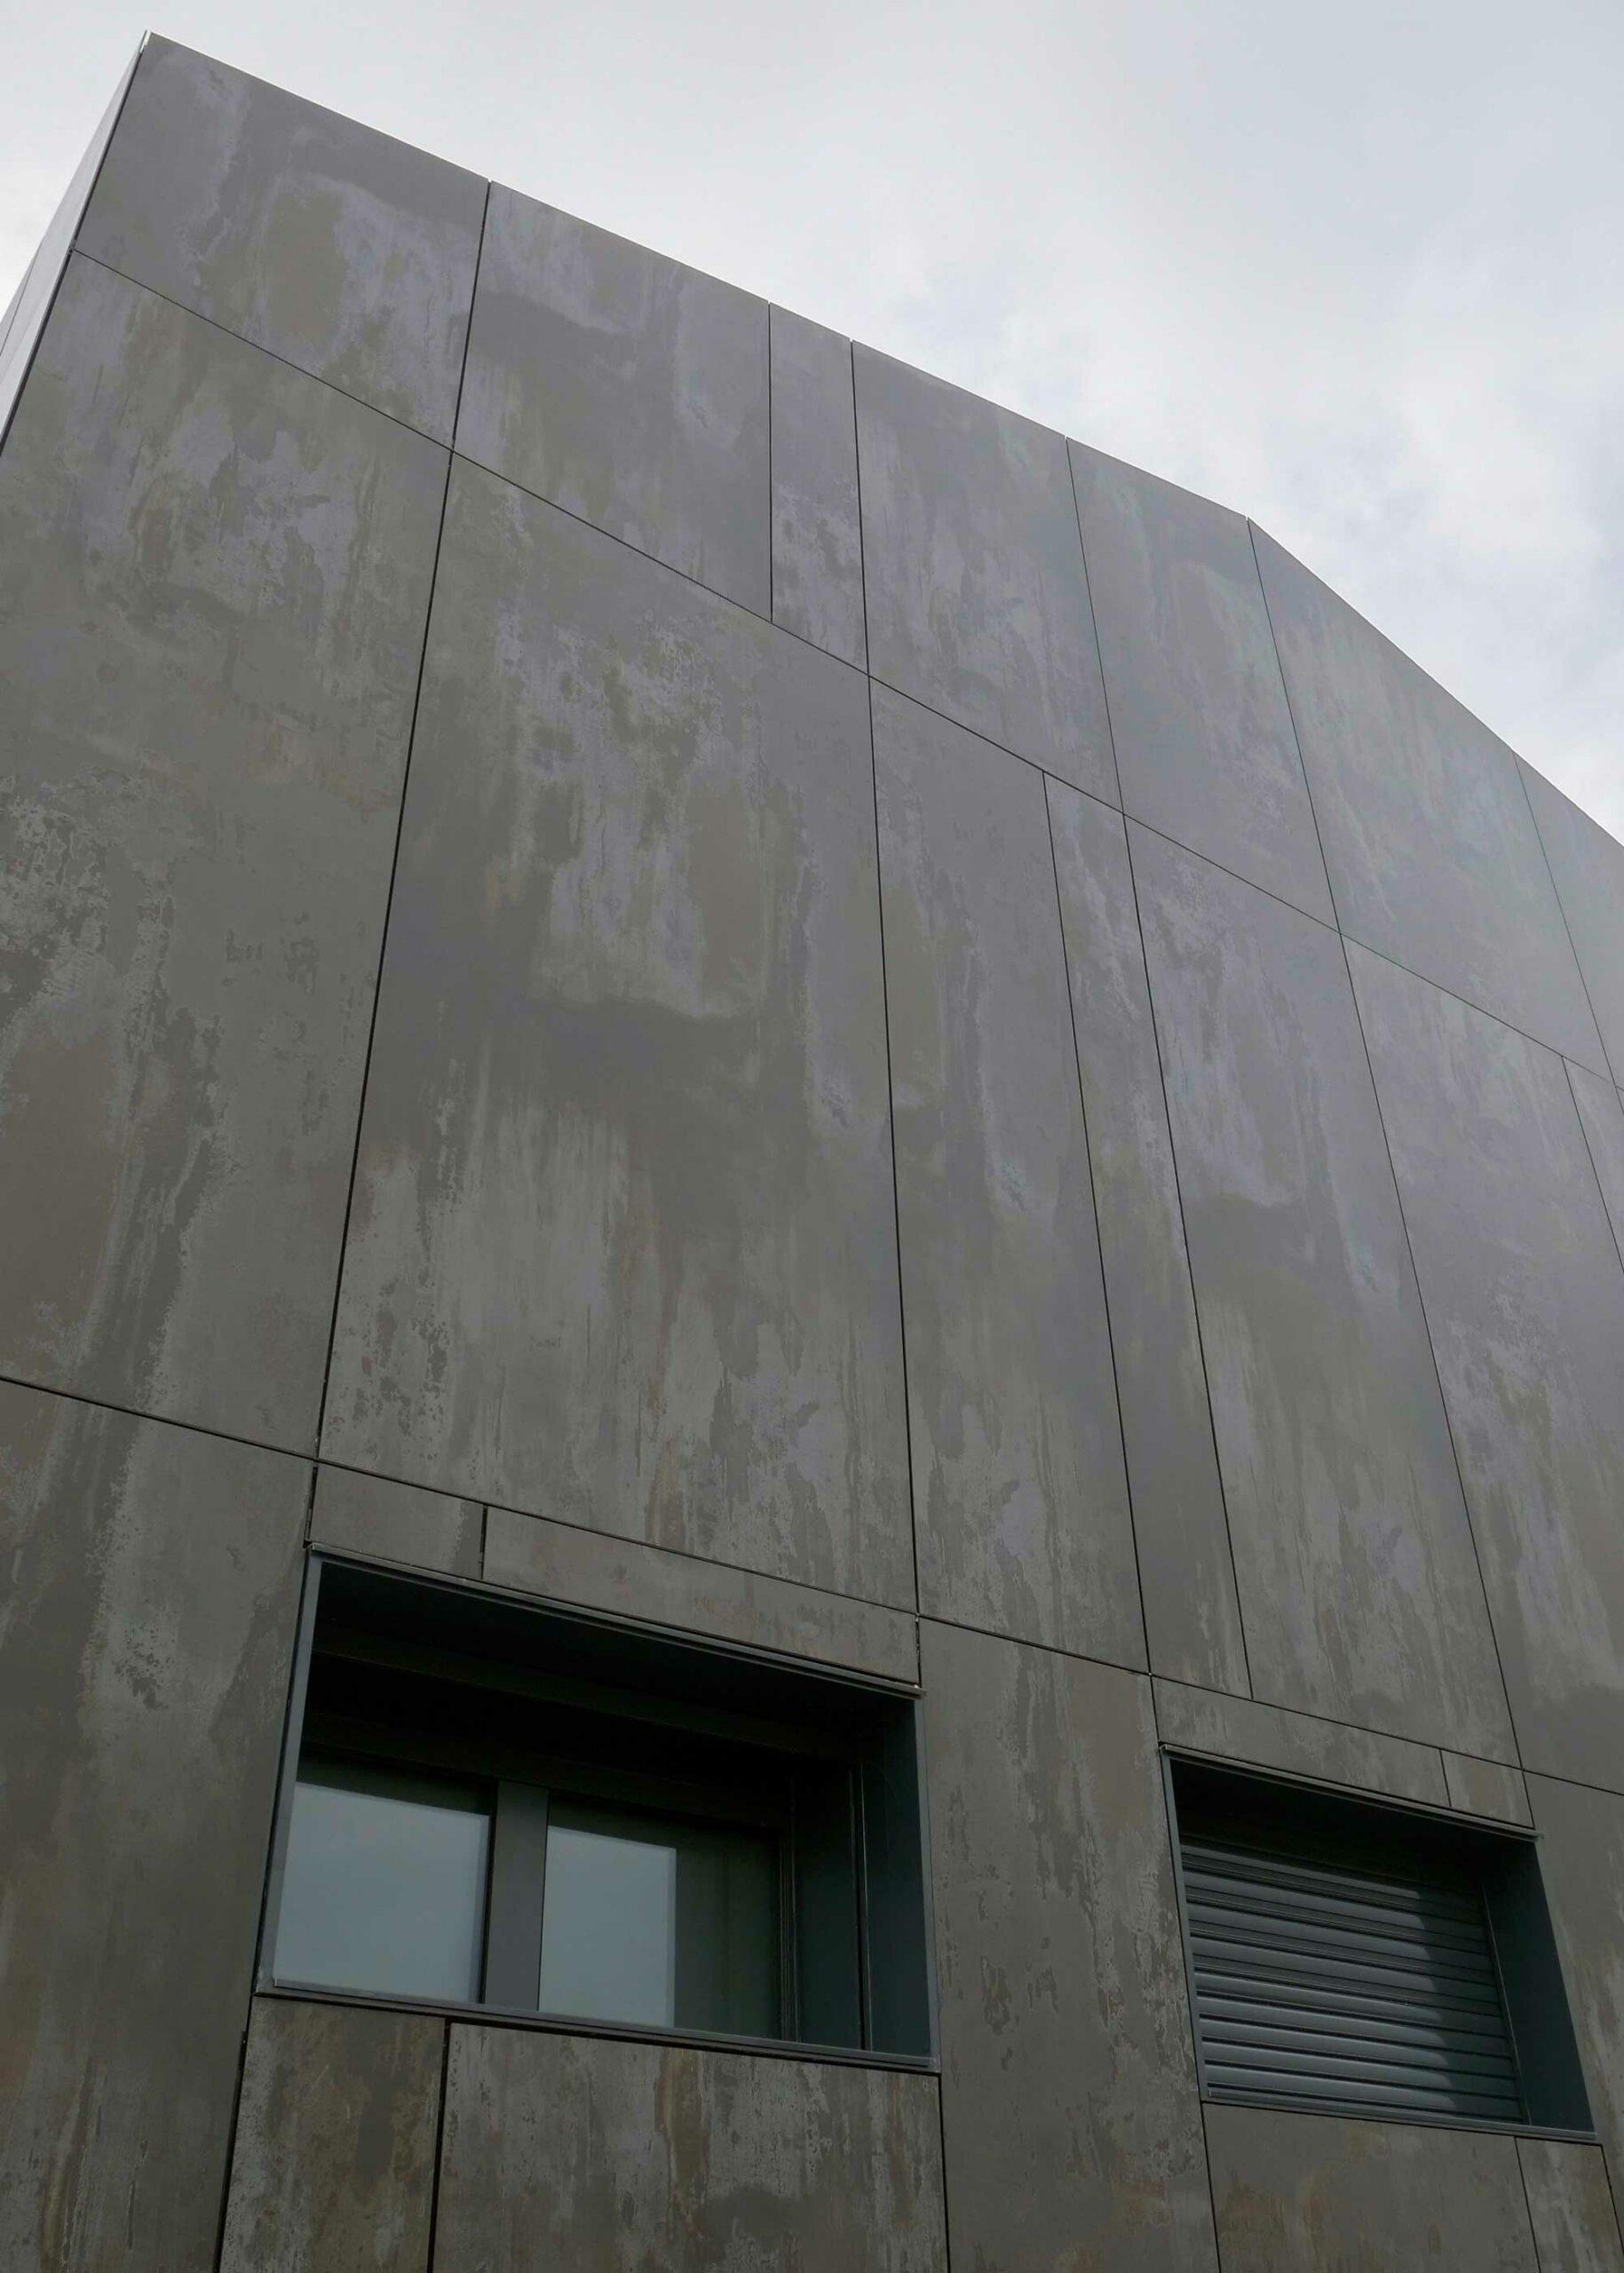 Álava Residential  - Casa Alava 8 scaled 57